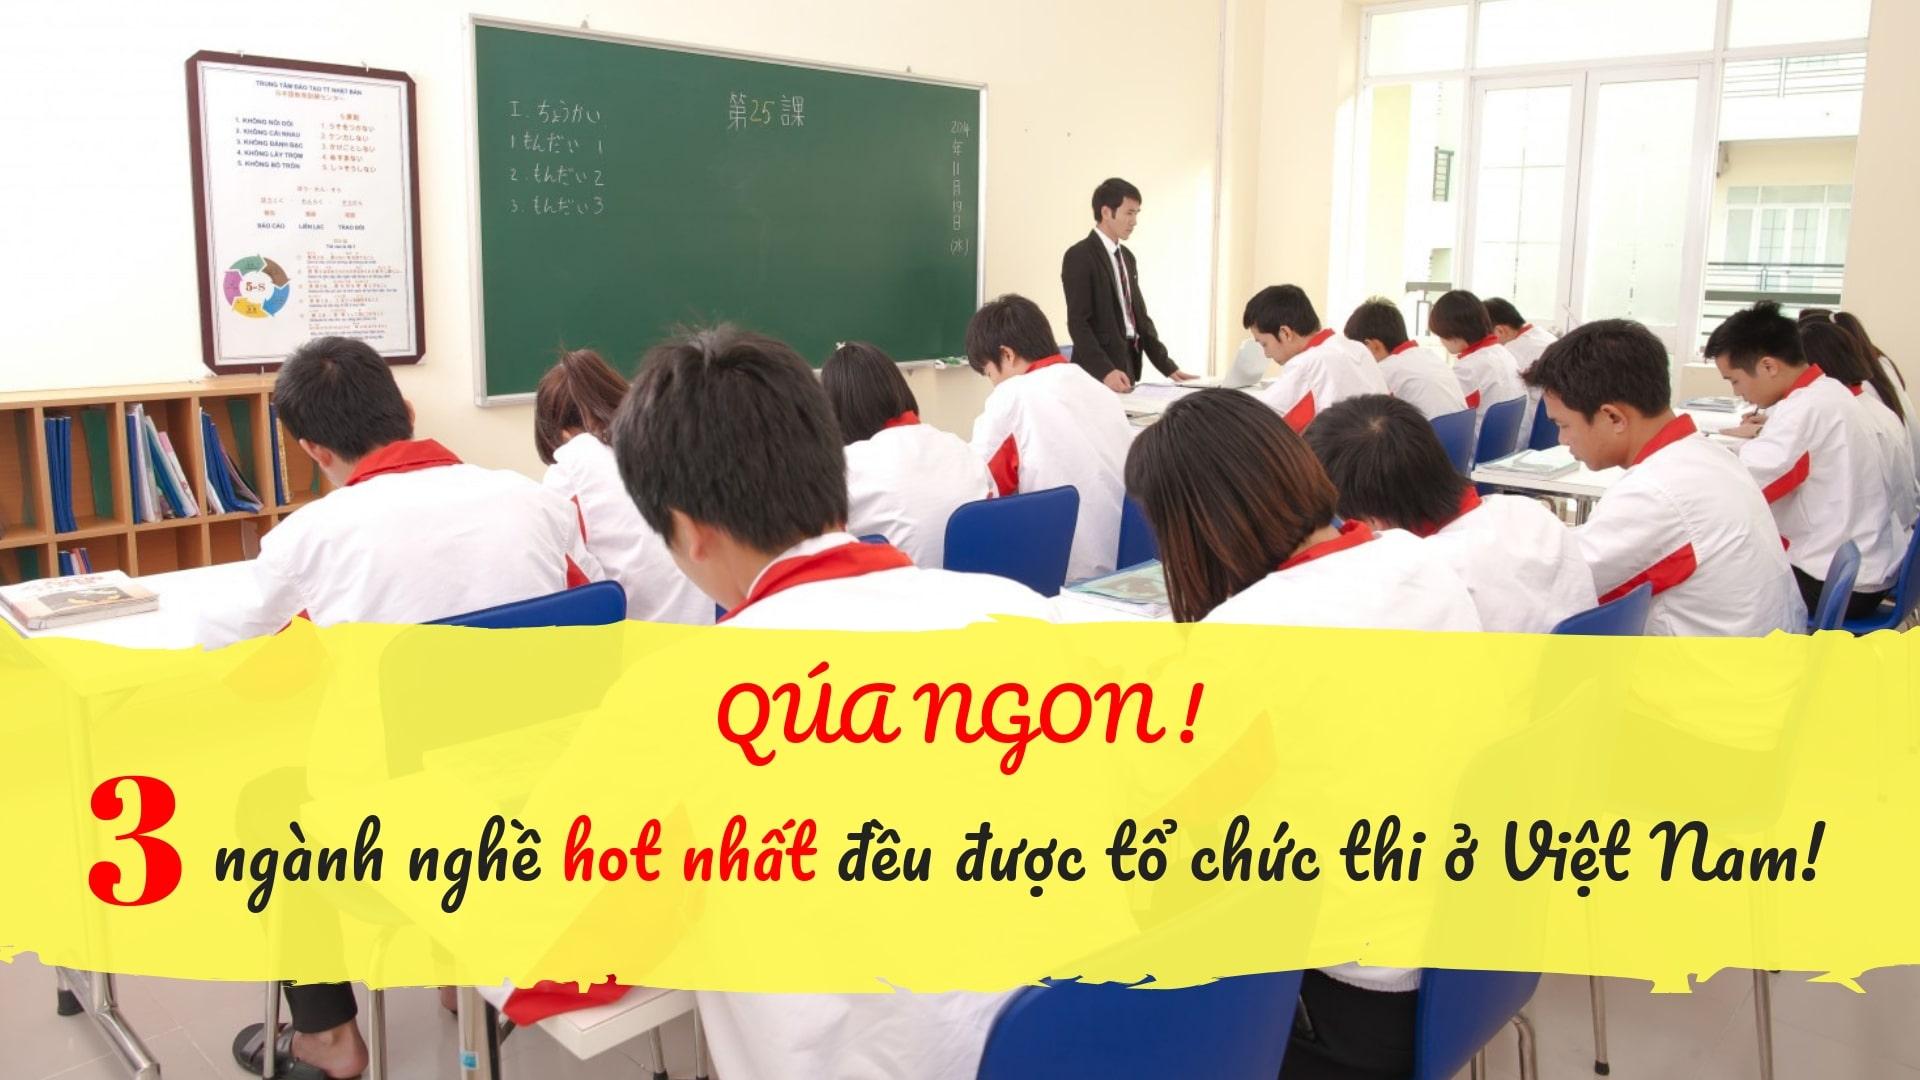 Việt Nam được ưu tiên tổ chức kỳ đánh giá năng lực đặc biệt TẬN 3 NGÀNH NGHỀ!